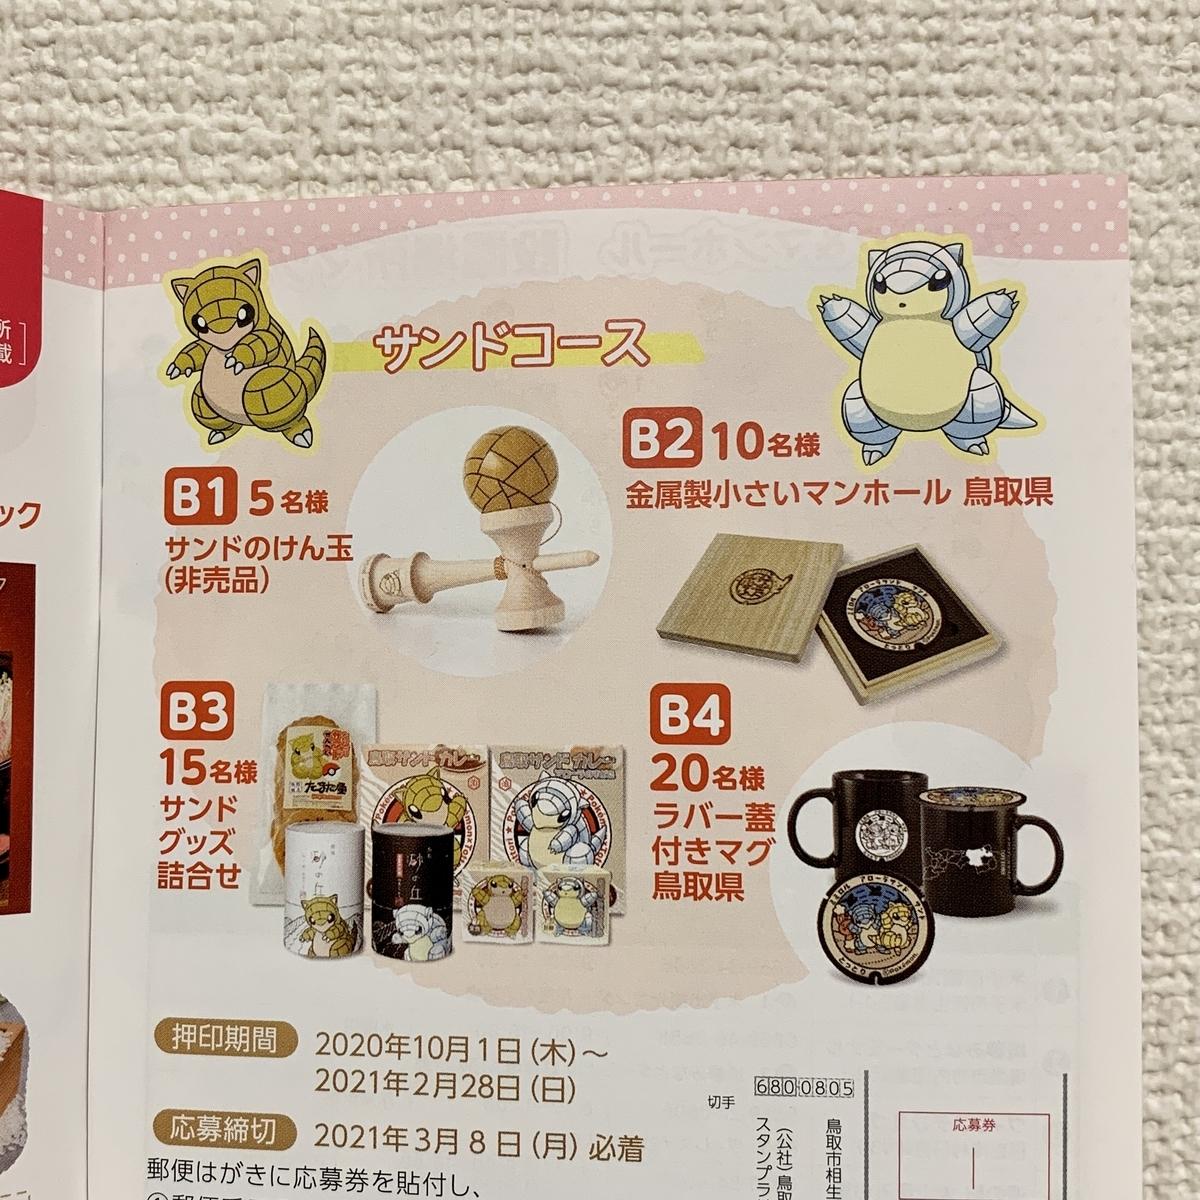 f:id:pikachu_pcn:20201003180106j:plain